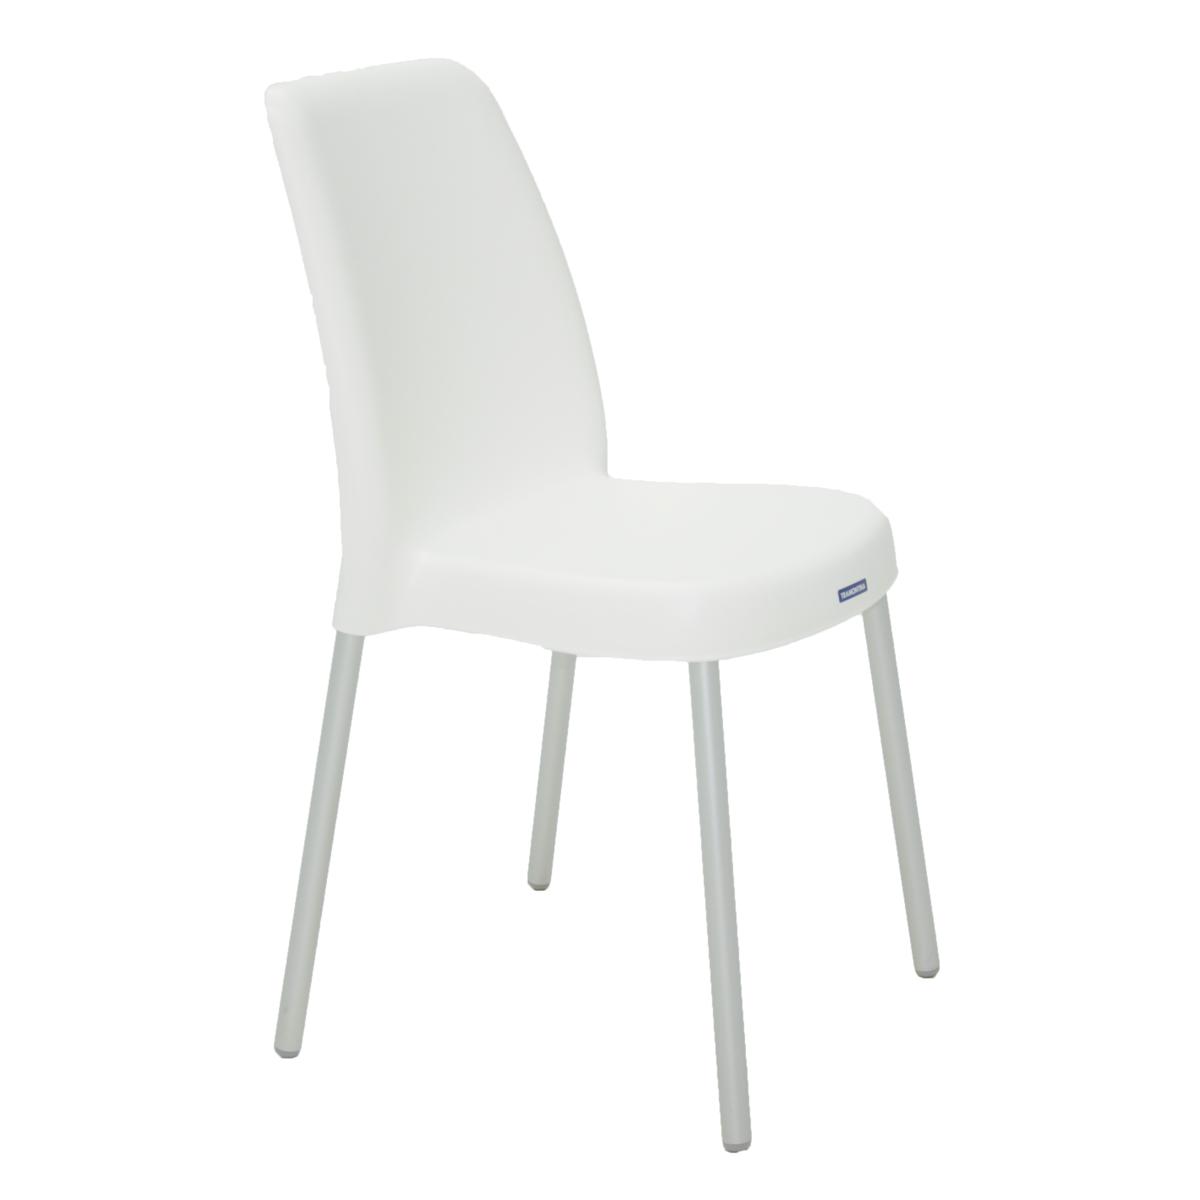 Cadeira Tramontina Branca Vanda em Polipropileno com Pernas de Aluminio